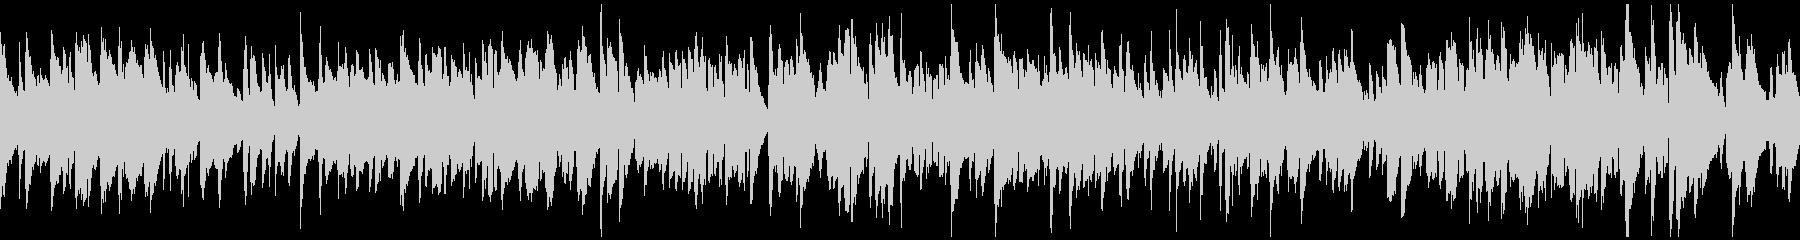 しっとりしたスローなボサノバ ※ループ版の未再生の波形